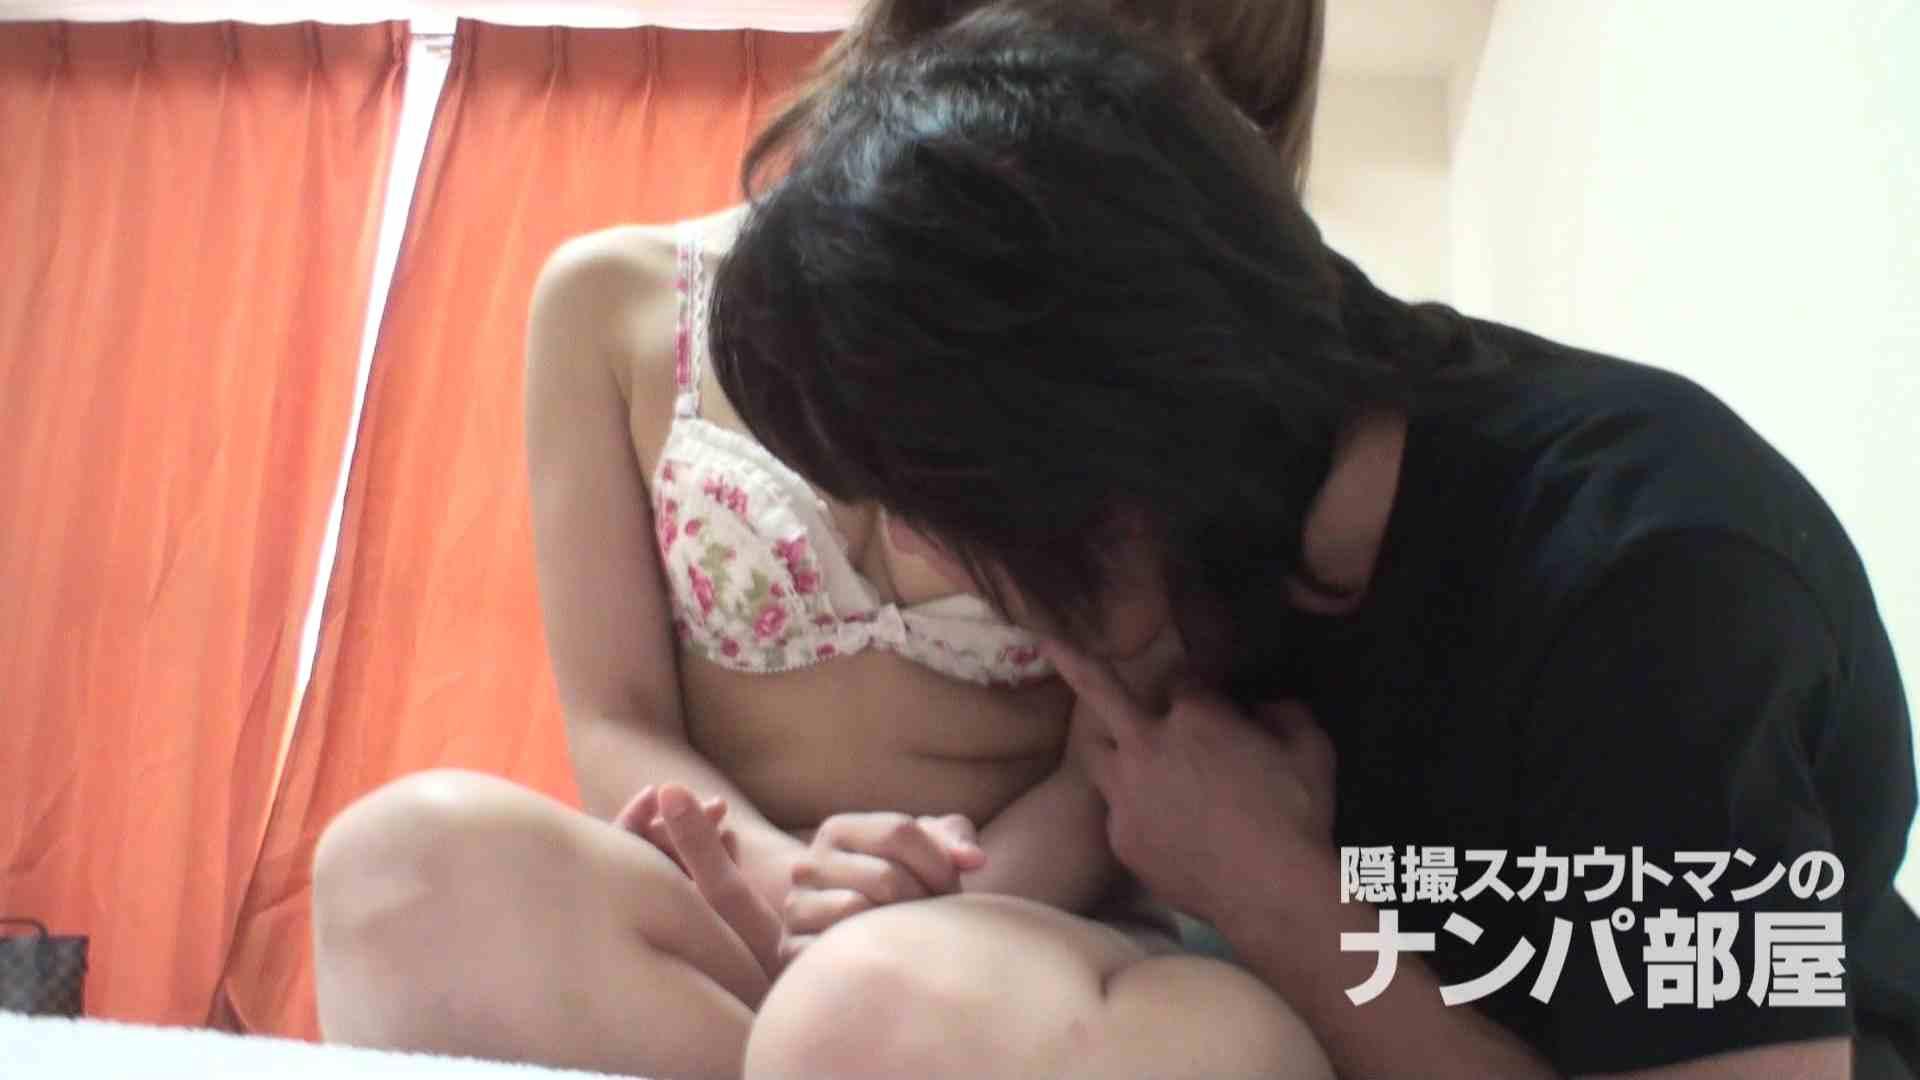 隠撮スカウトマンのナンパ部屋~風俗デビュー前のつまみ食い~ siivol.2 OLのエッチ  83pic 56